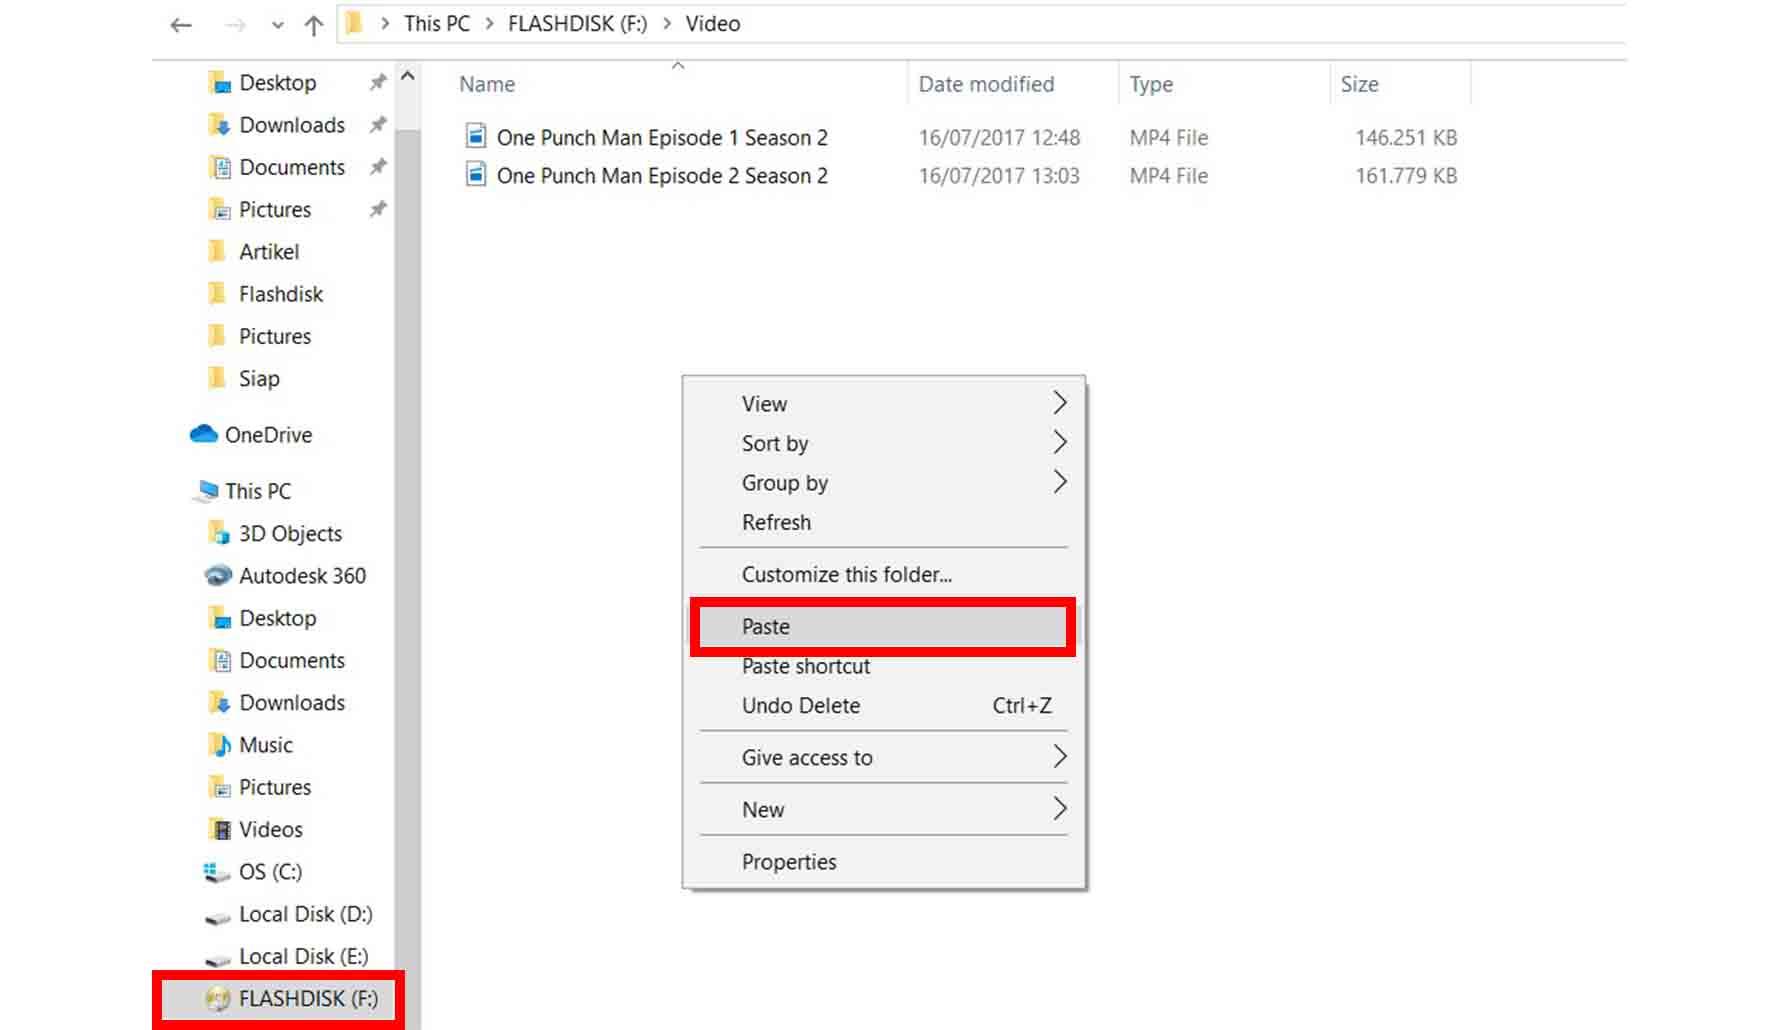 Cara Memindahkan File ke Flashdisk Metode Copy Paste